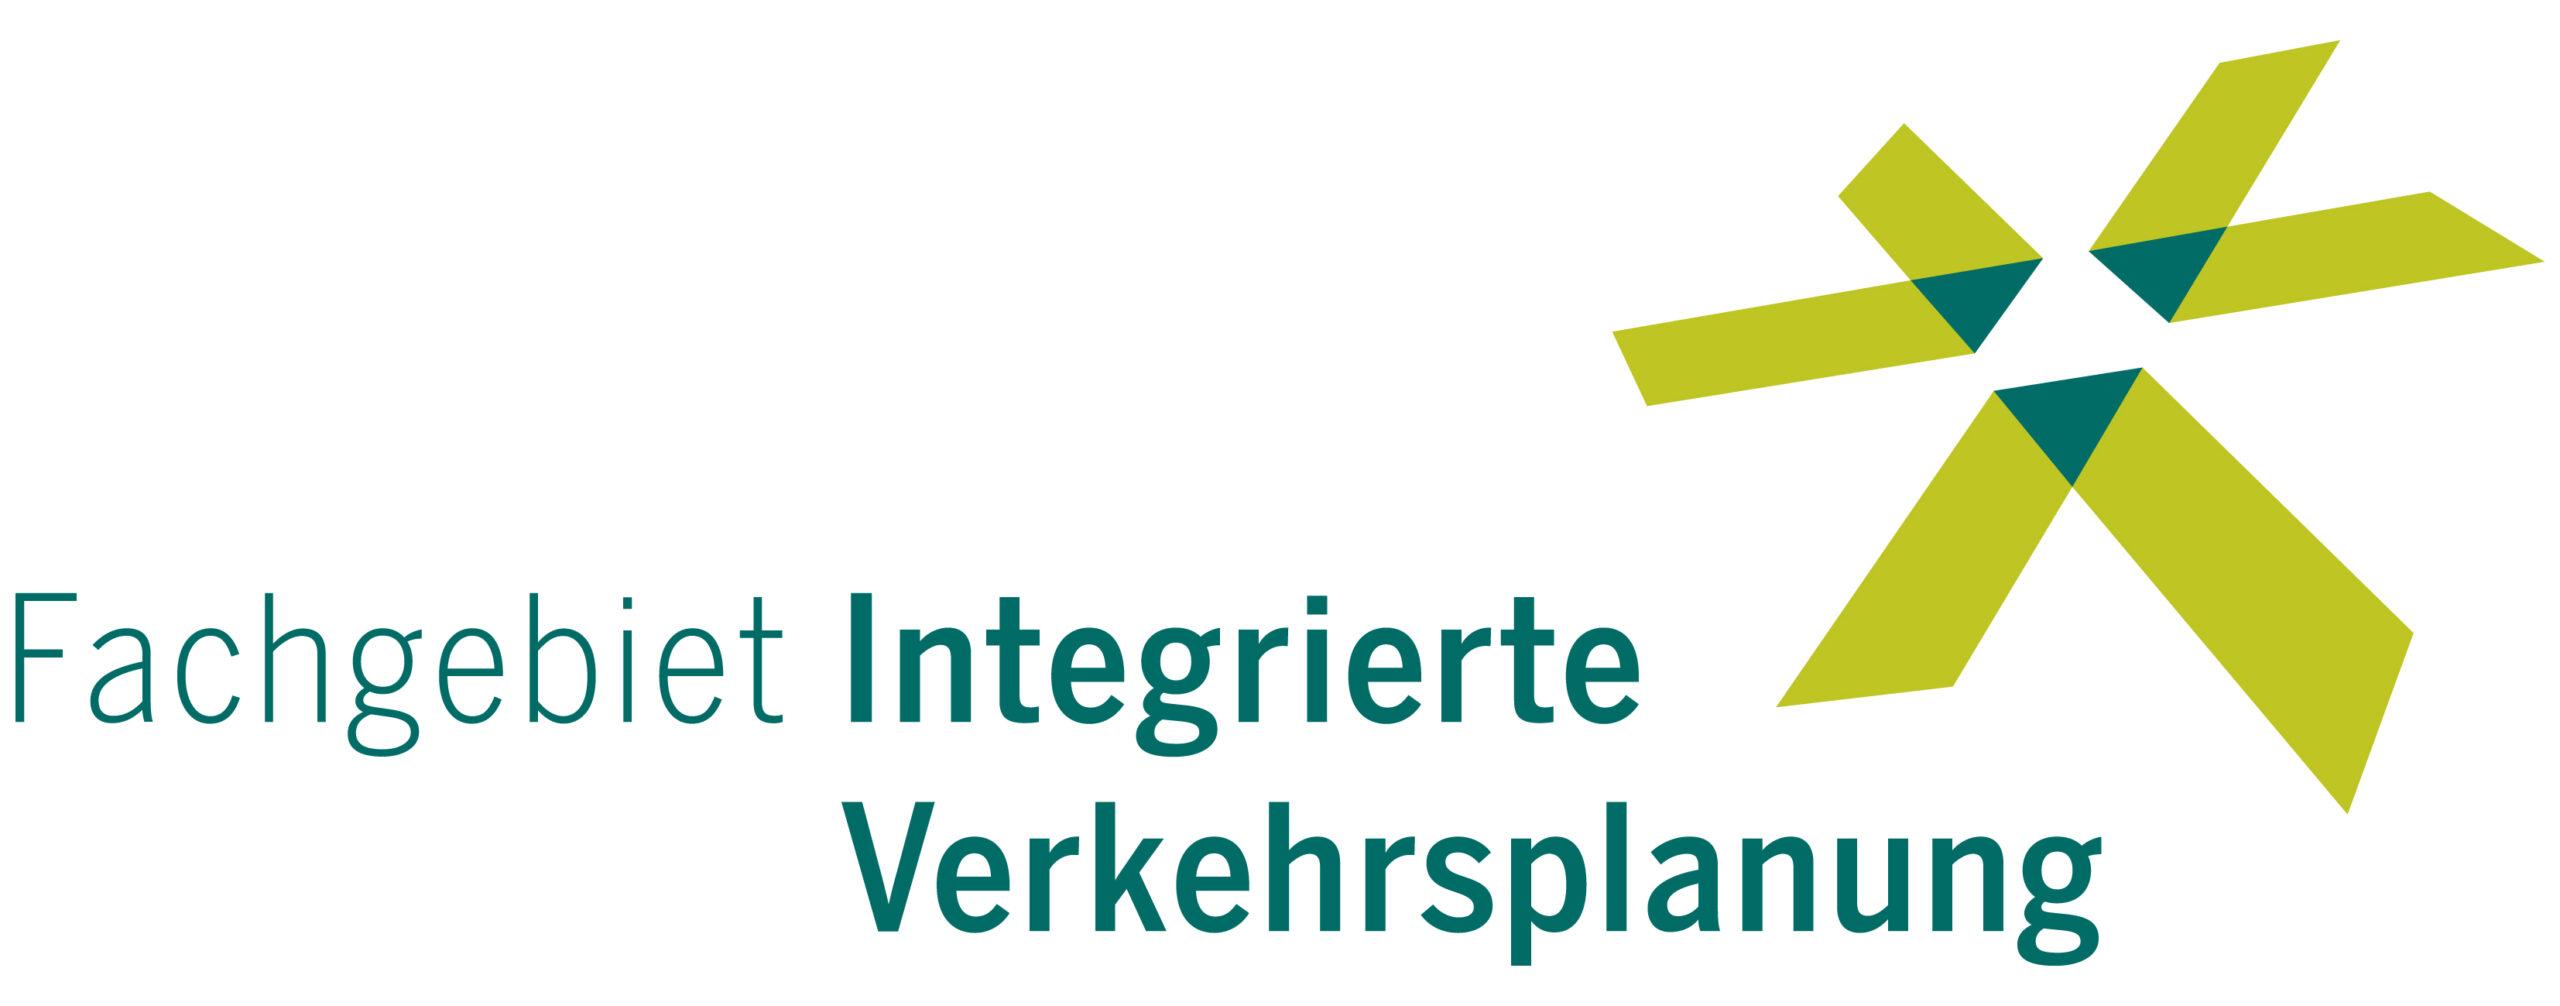 Fachgebiet Integrierte Verkehrsplanung